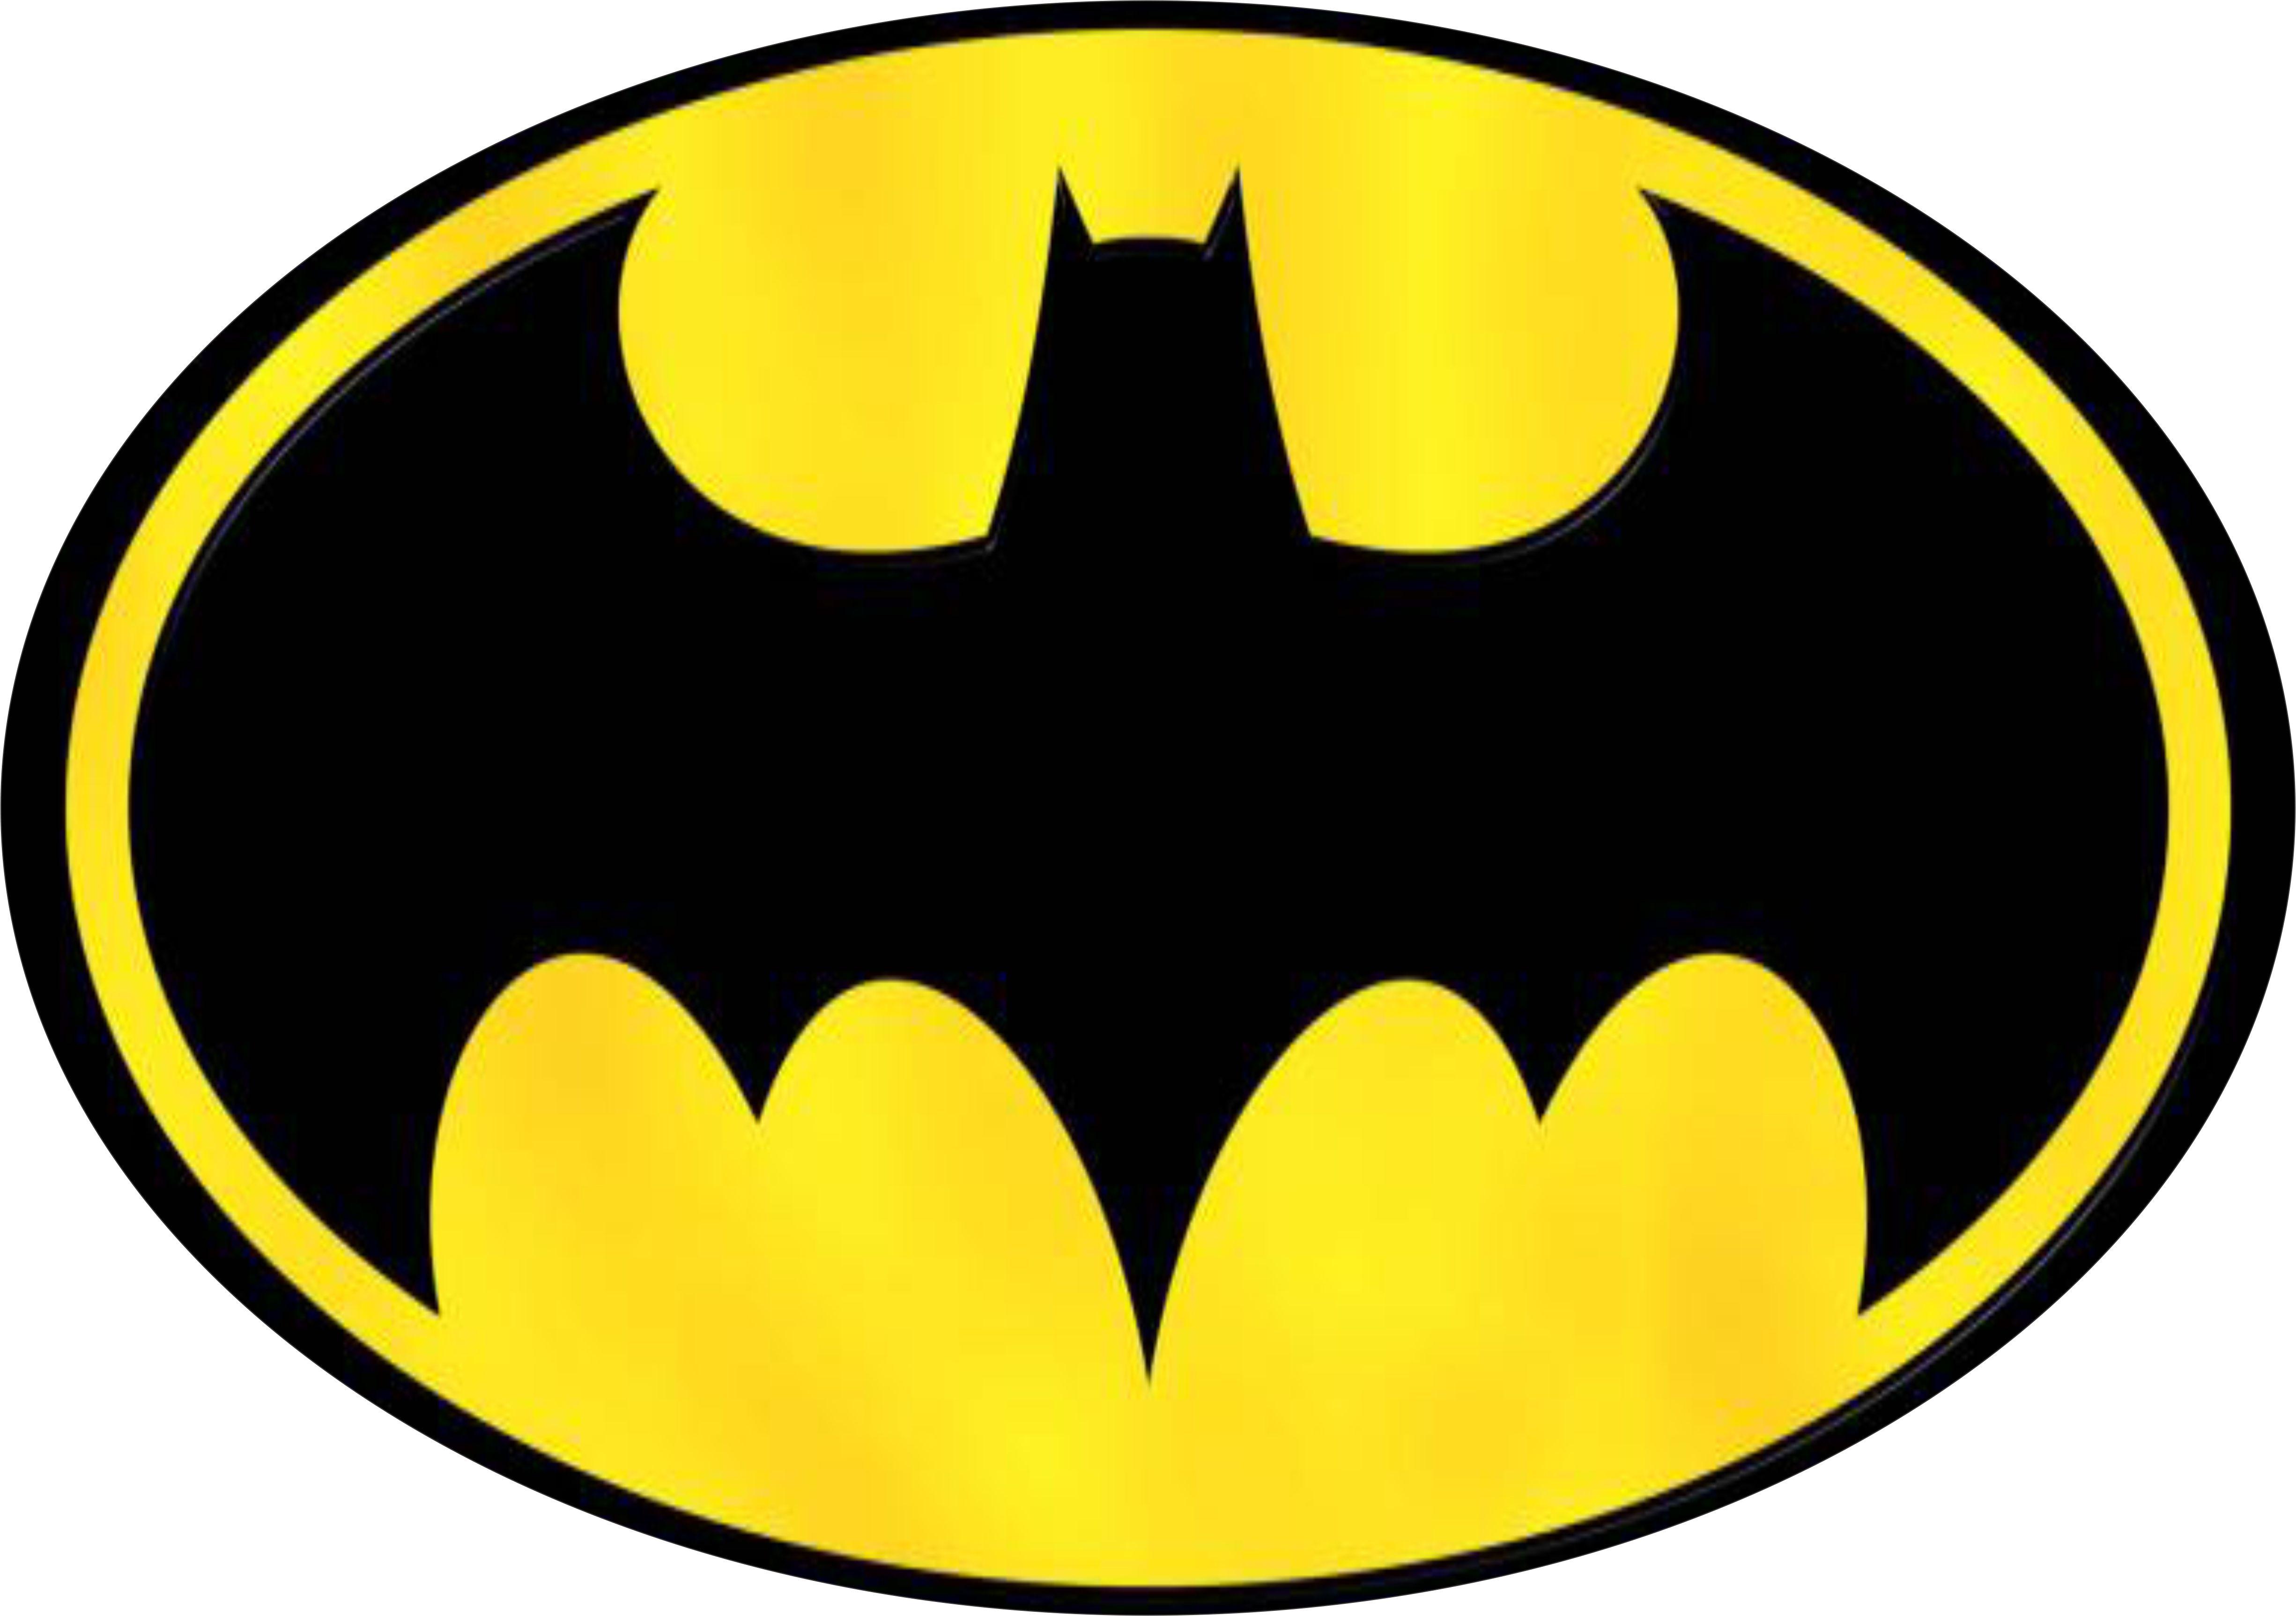 ELIPSE MORCEGO BATMAN ... American Express Logo Vector